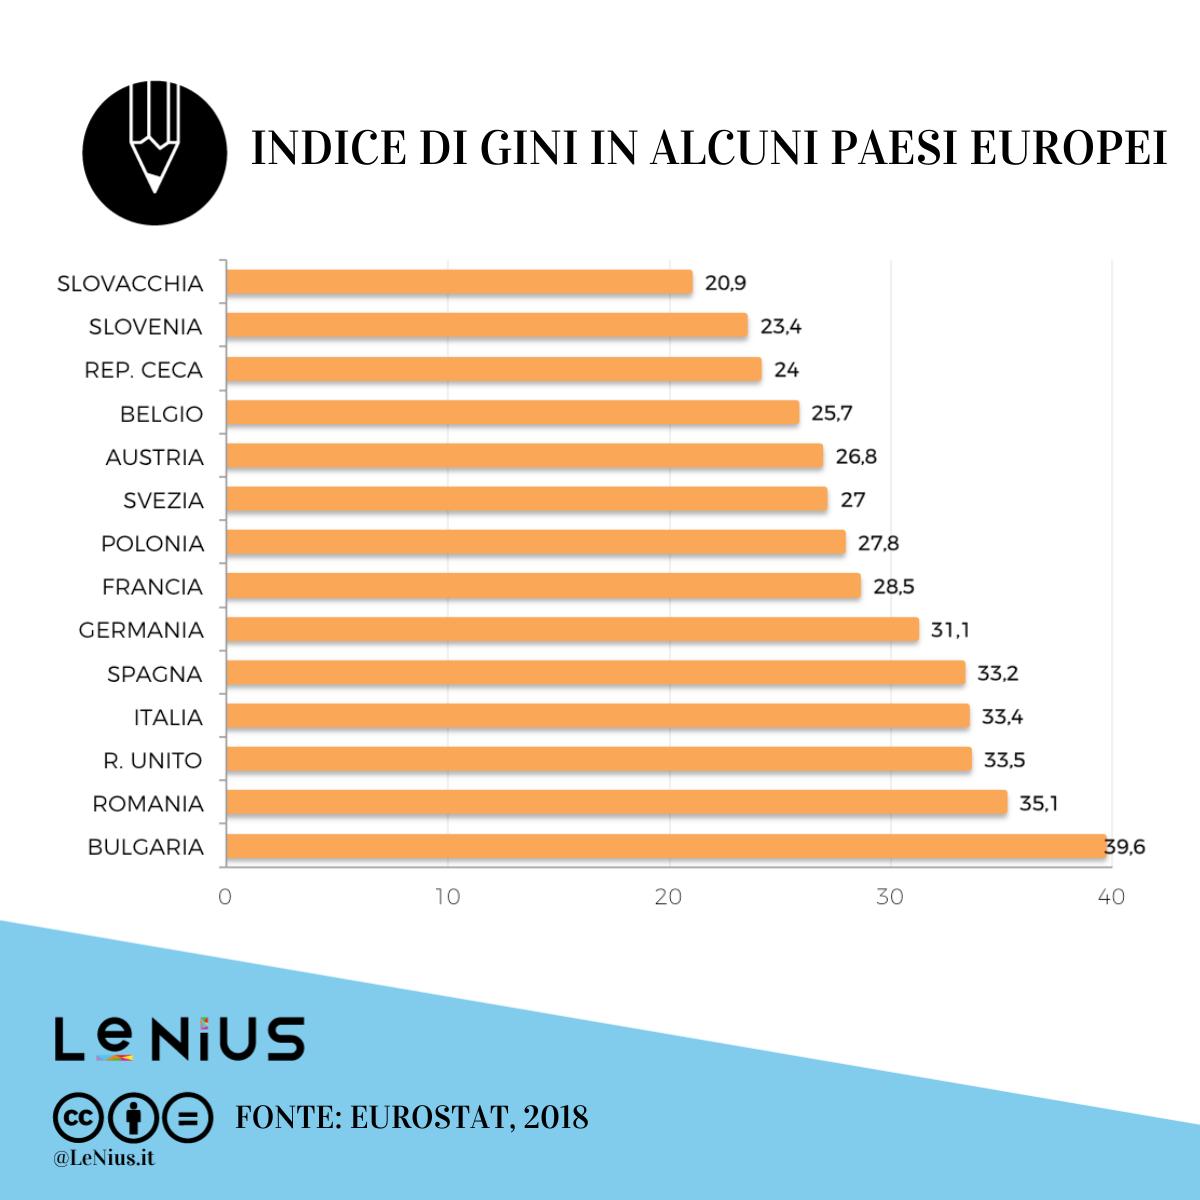 indice di gini in europa